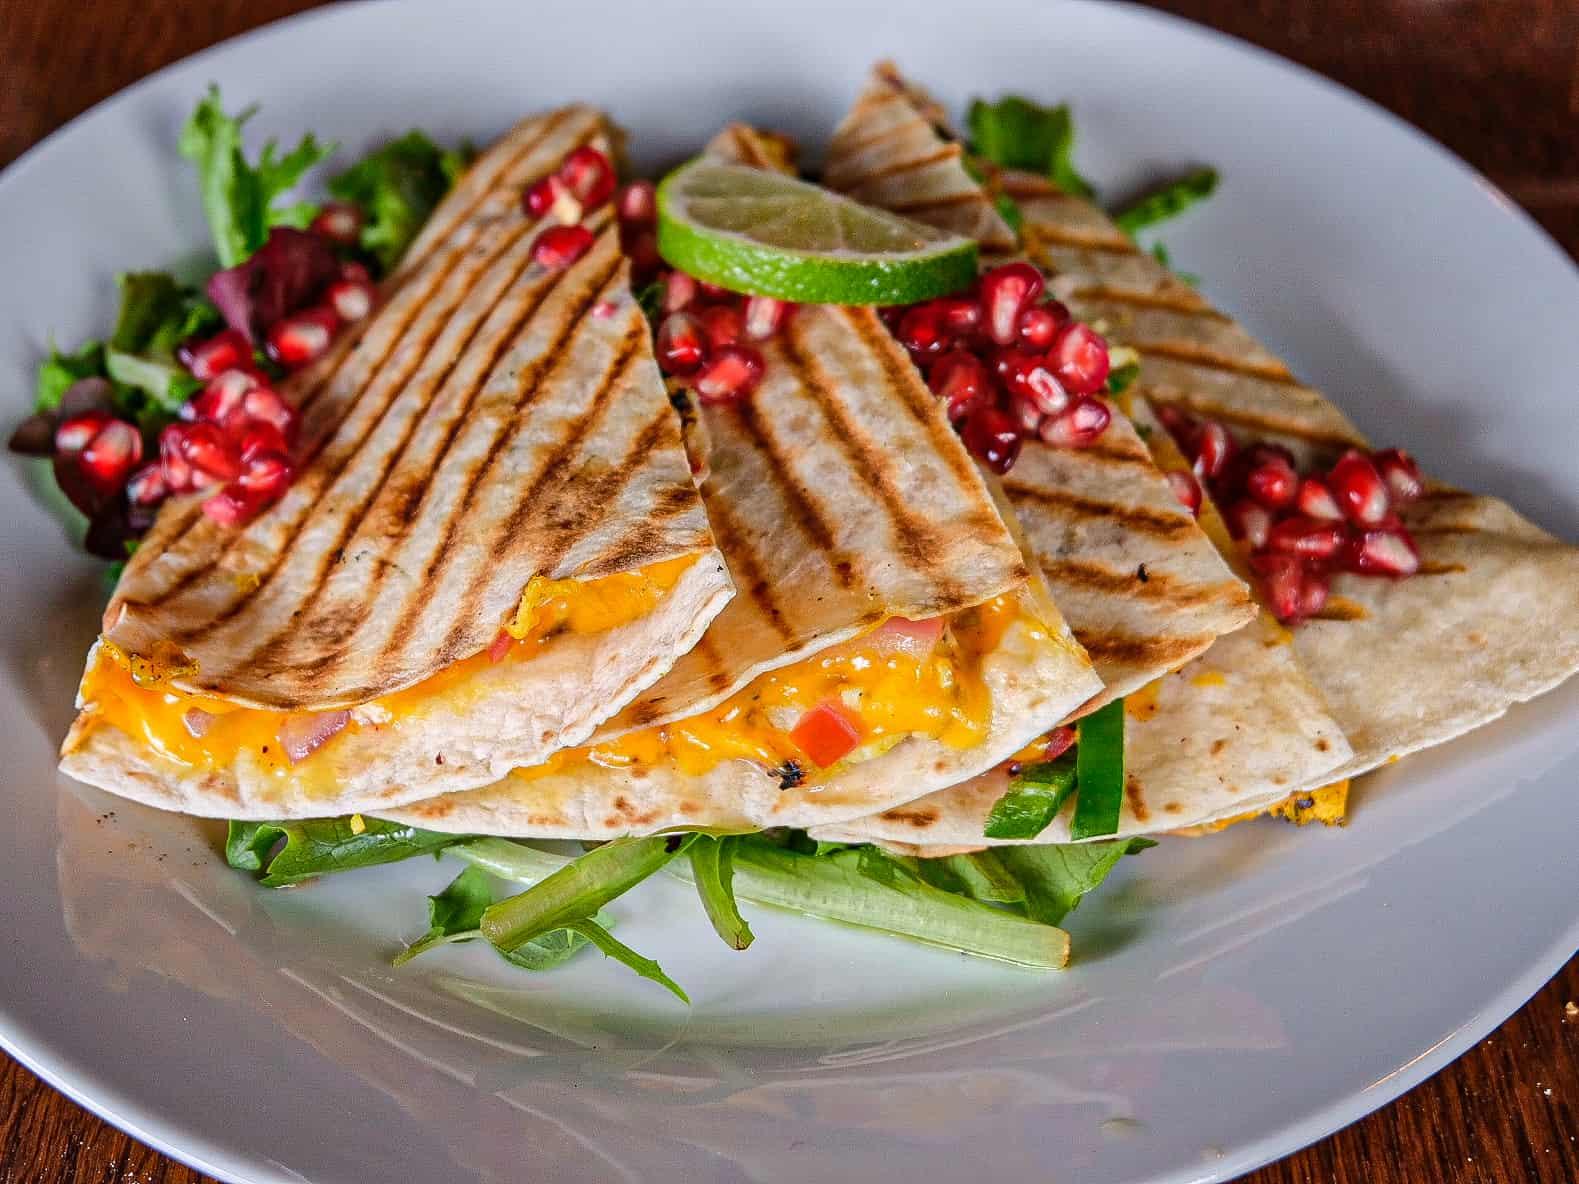 cavalier-restaurant-afghan-rue-faubourg-temple-paris11-eme